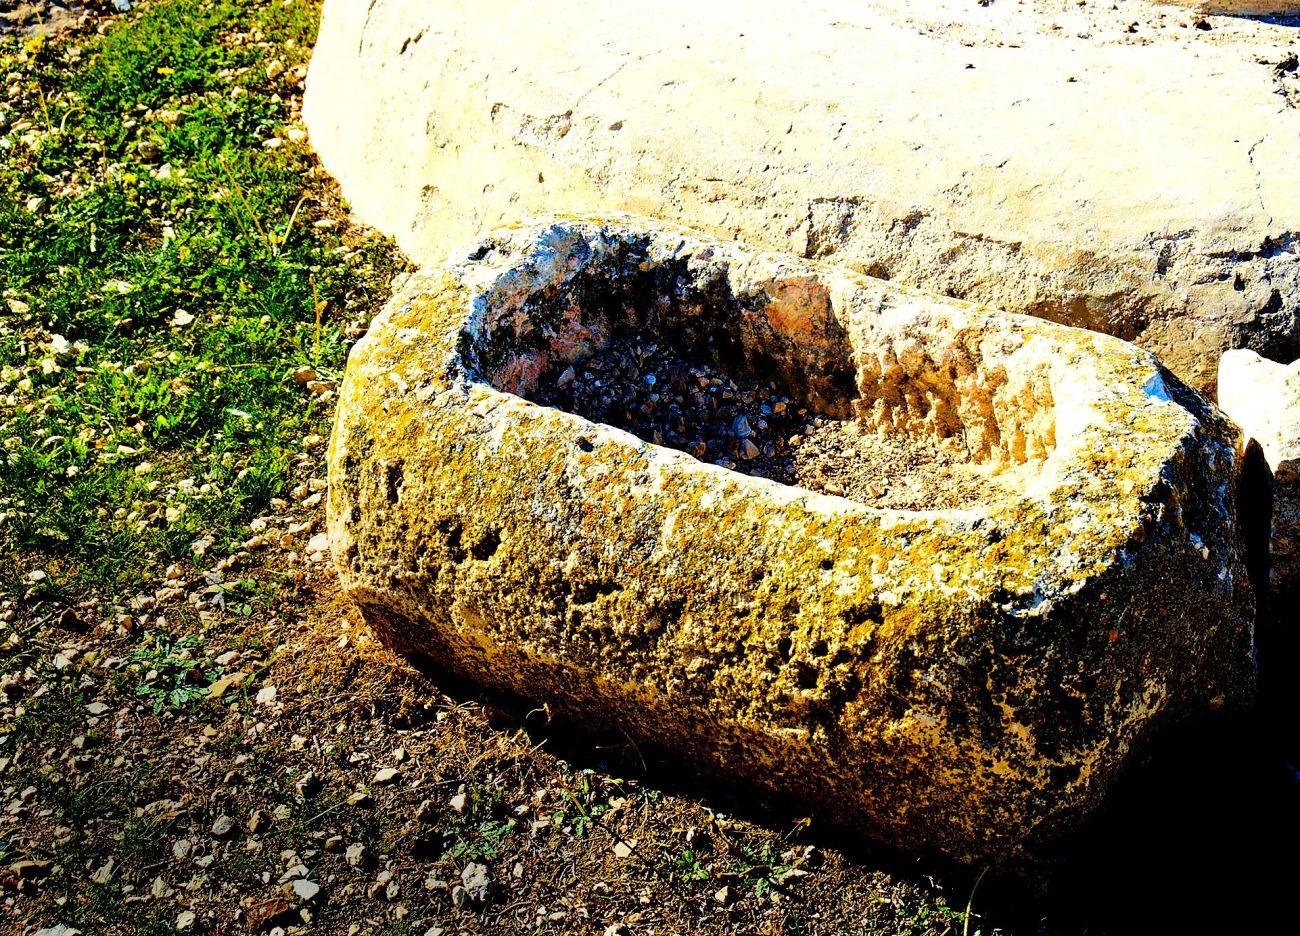 stone-manger-at-tekoa-judea-samaria